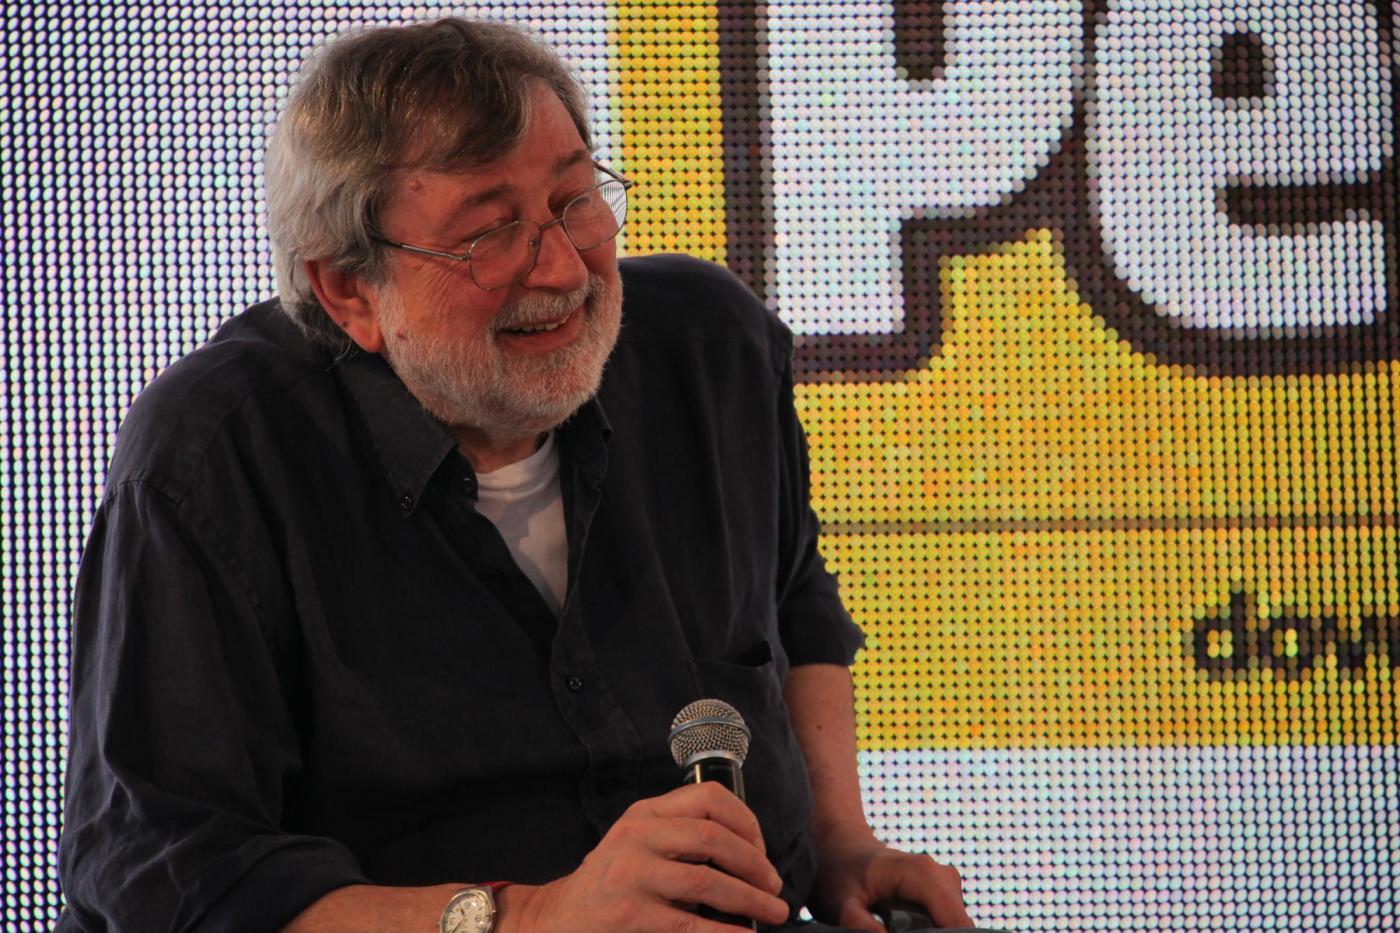 francesco guccini, cantautore